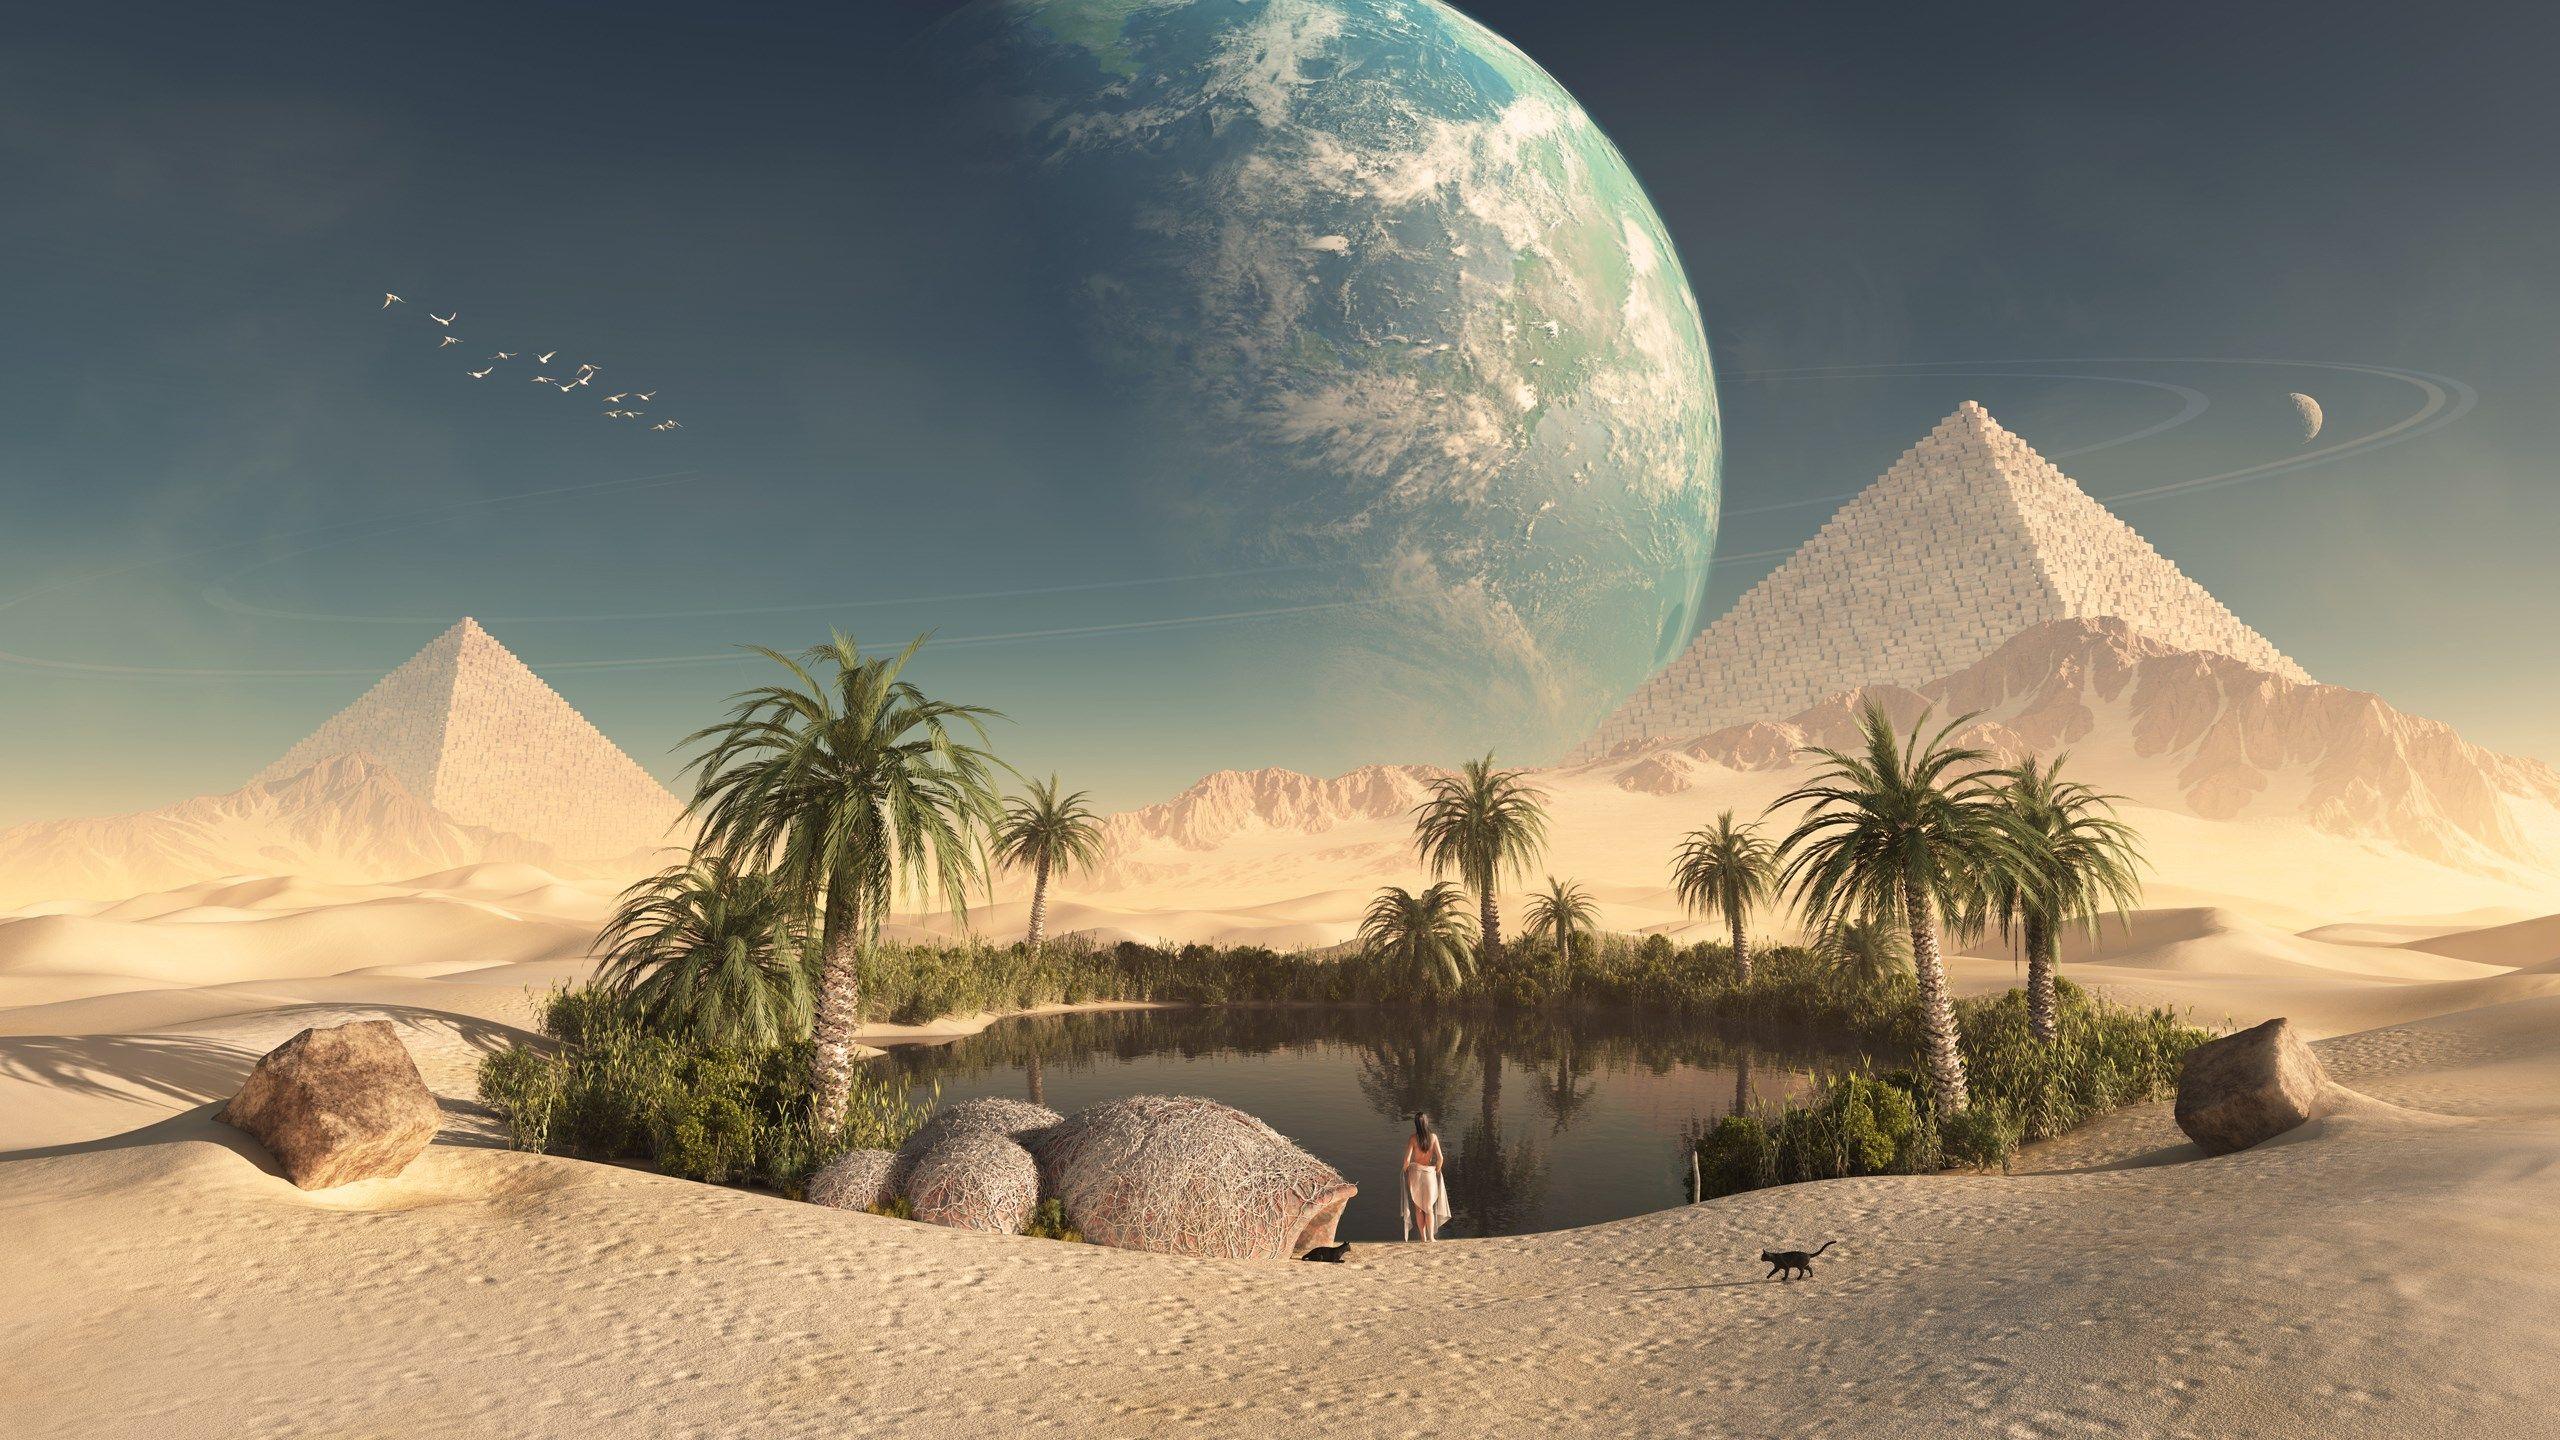 Egyptian Image Hd Egypt Beautiful Nature Pyramids